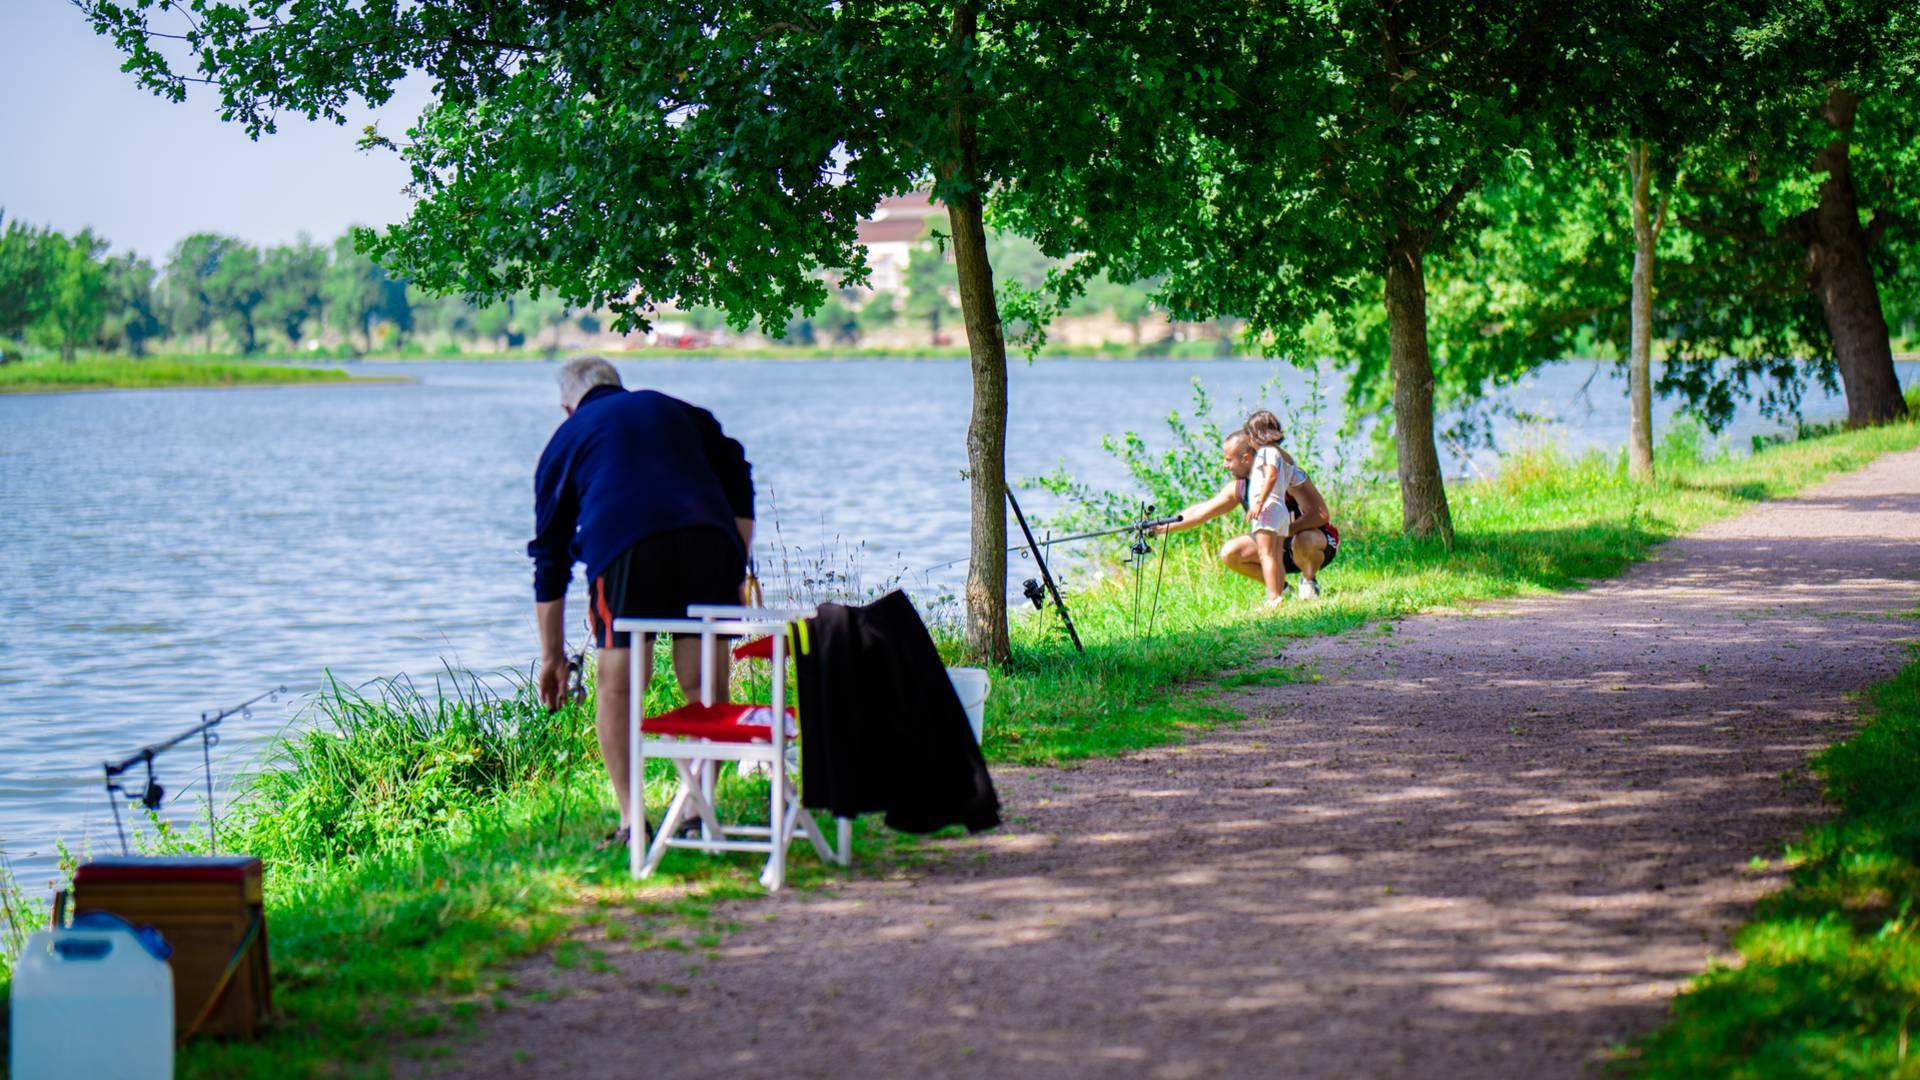 Pêche en famille sur le canal du Centre à Montchanin. © Franck Juillot - CreusotMontceauTourisme.